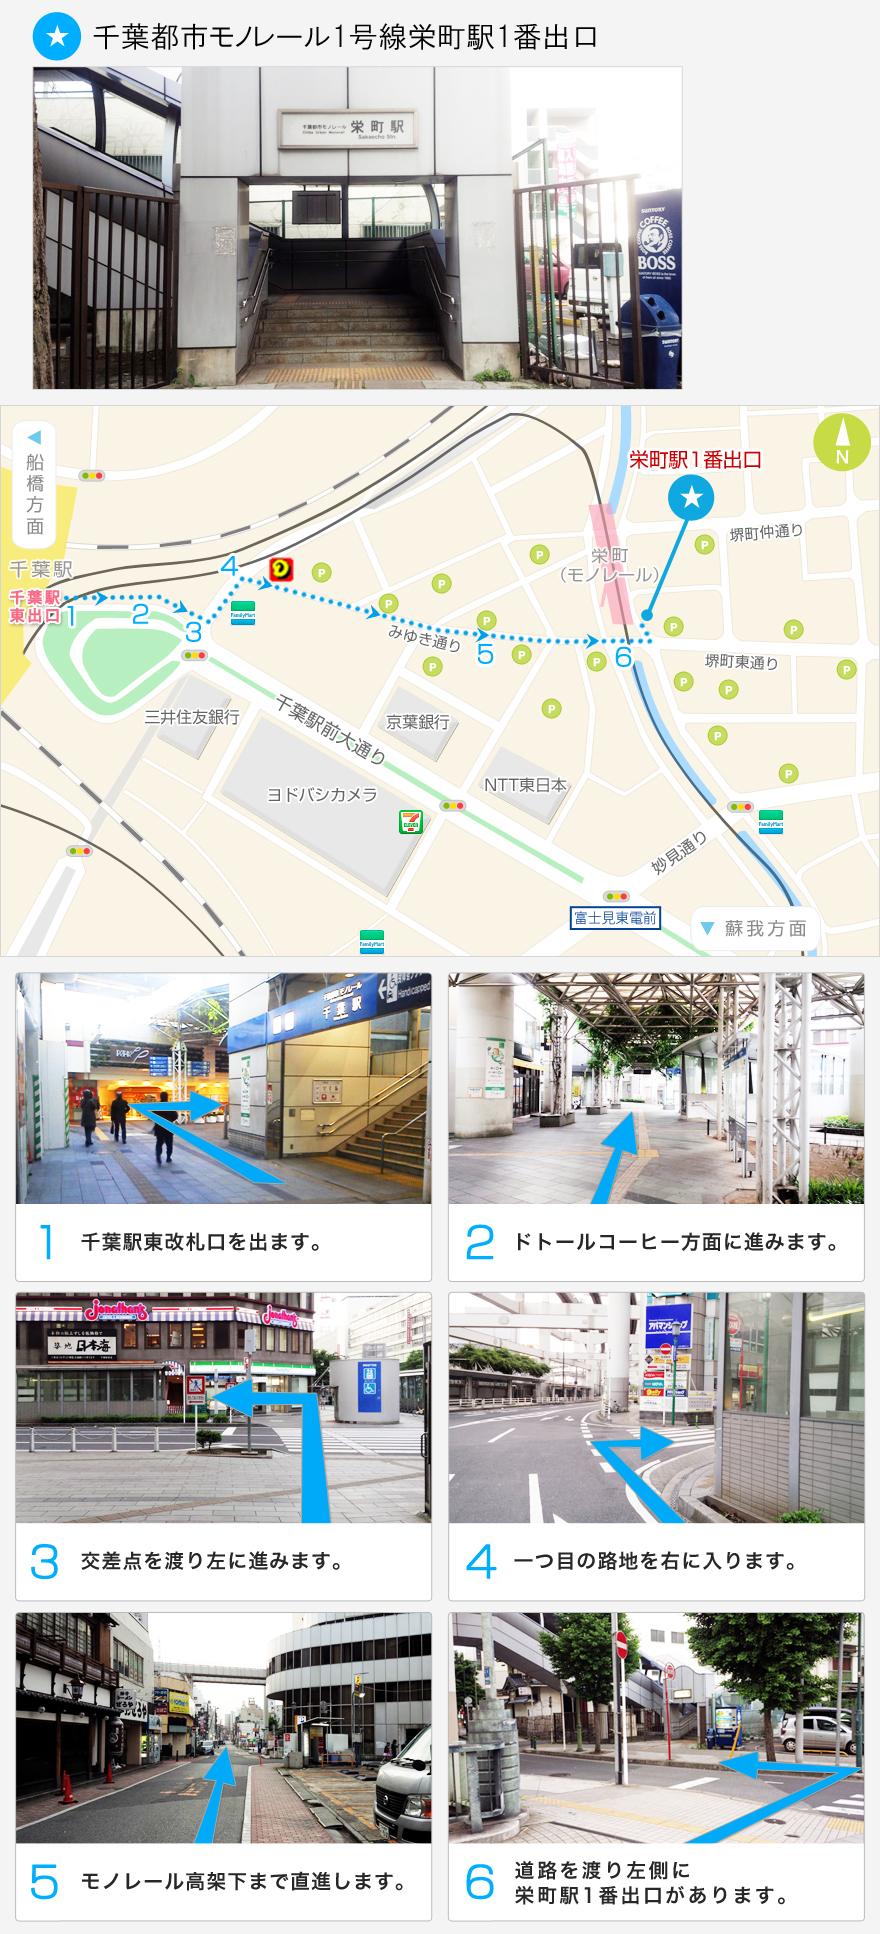 千葉都市モノレール1号線栄町駅1番出口